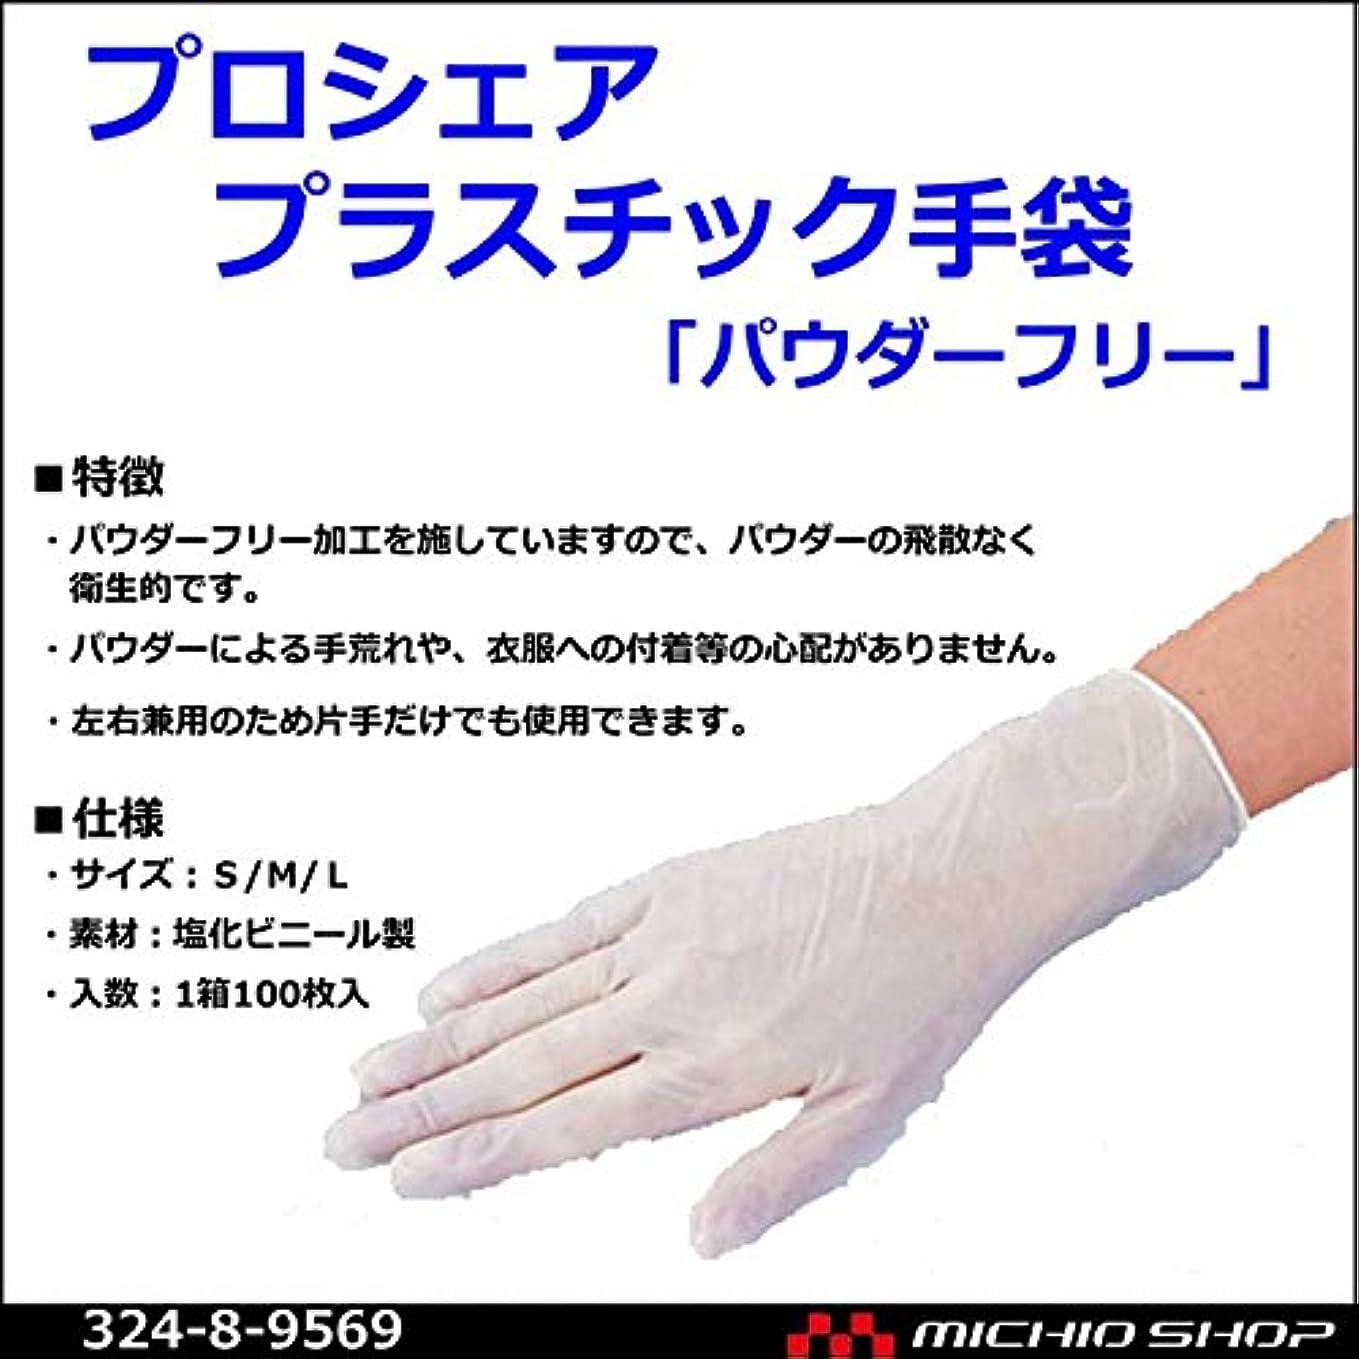 気晴らし球状民主主義アズワン プロシェアプラスチック手袋 100枚入 8-9569 03 S